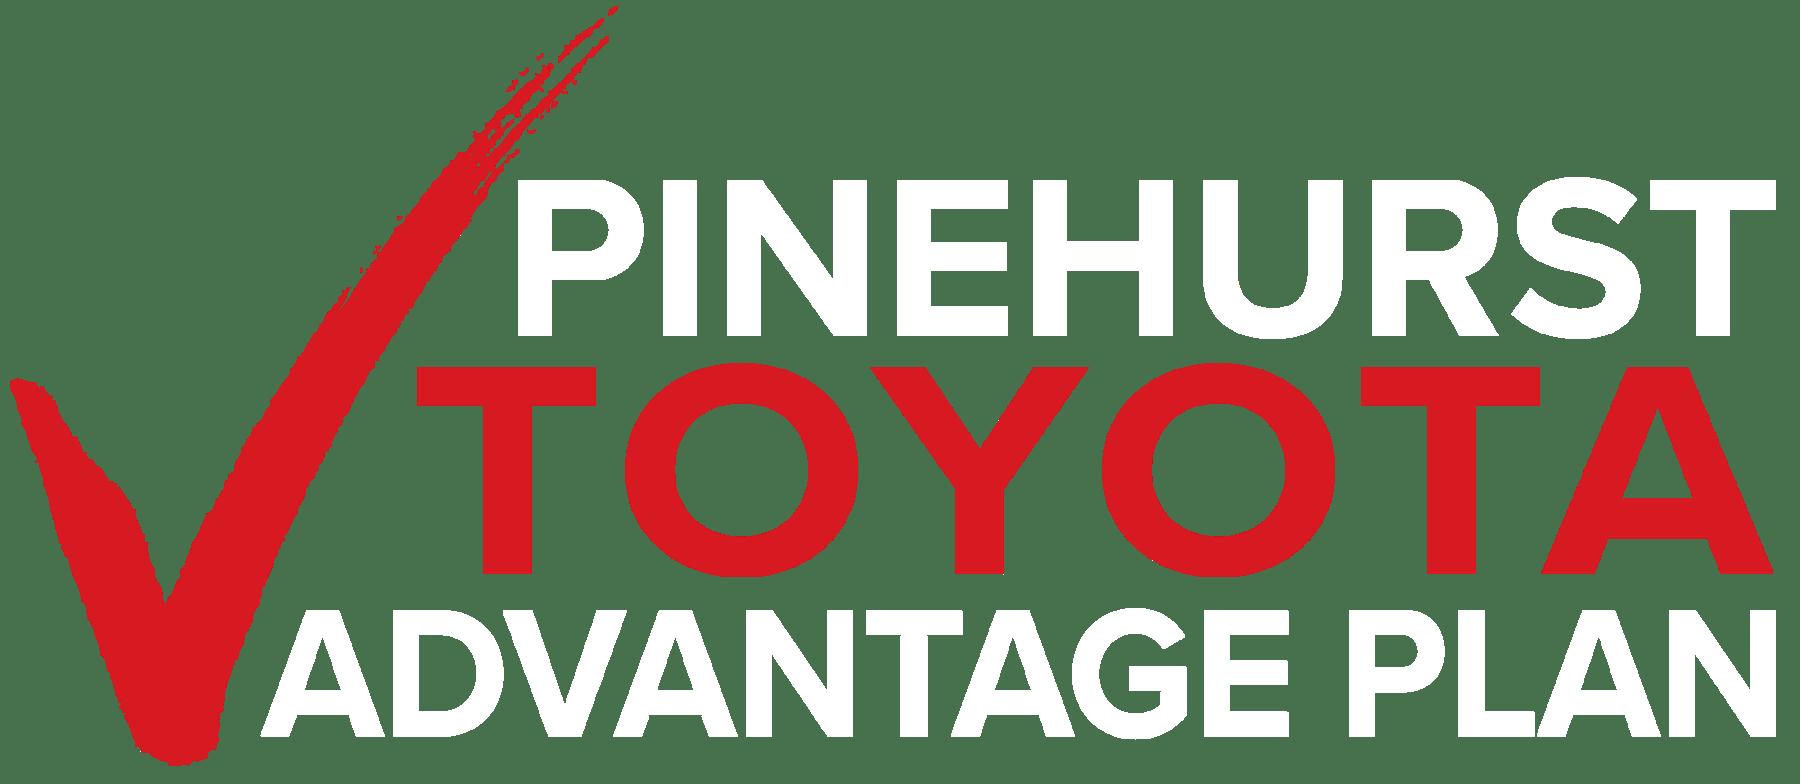 Toyota Advantage Plan